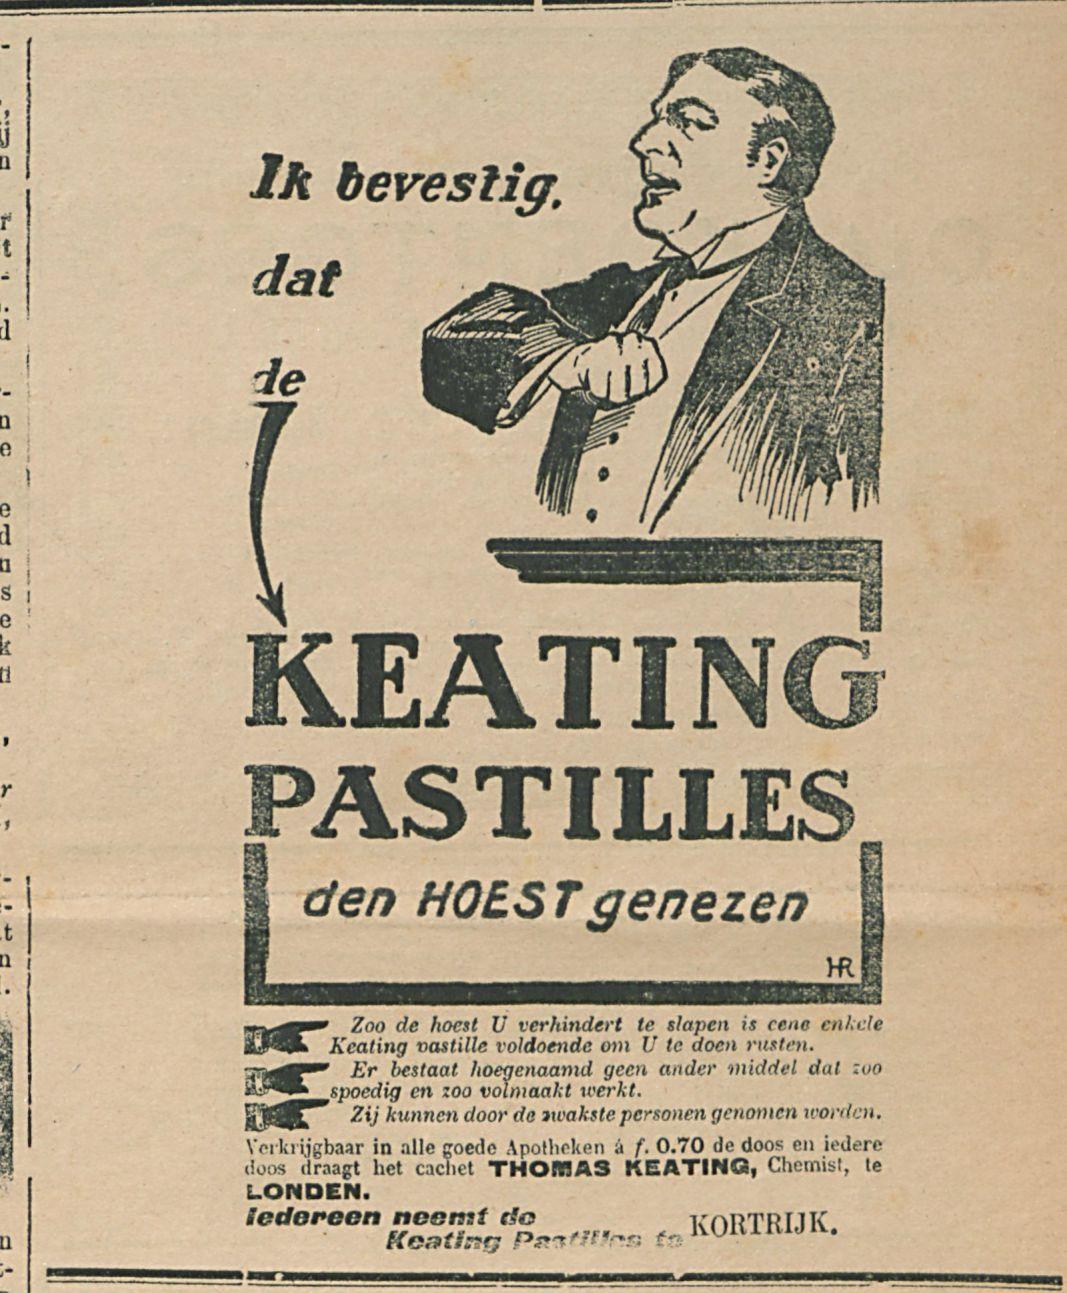 KEATING PASTILLES